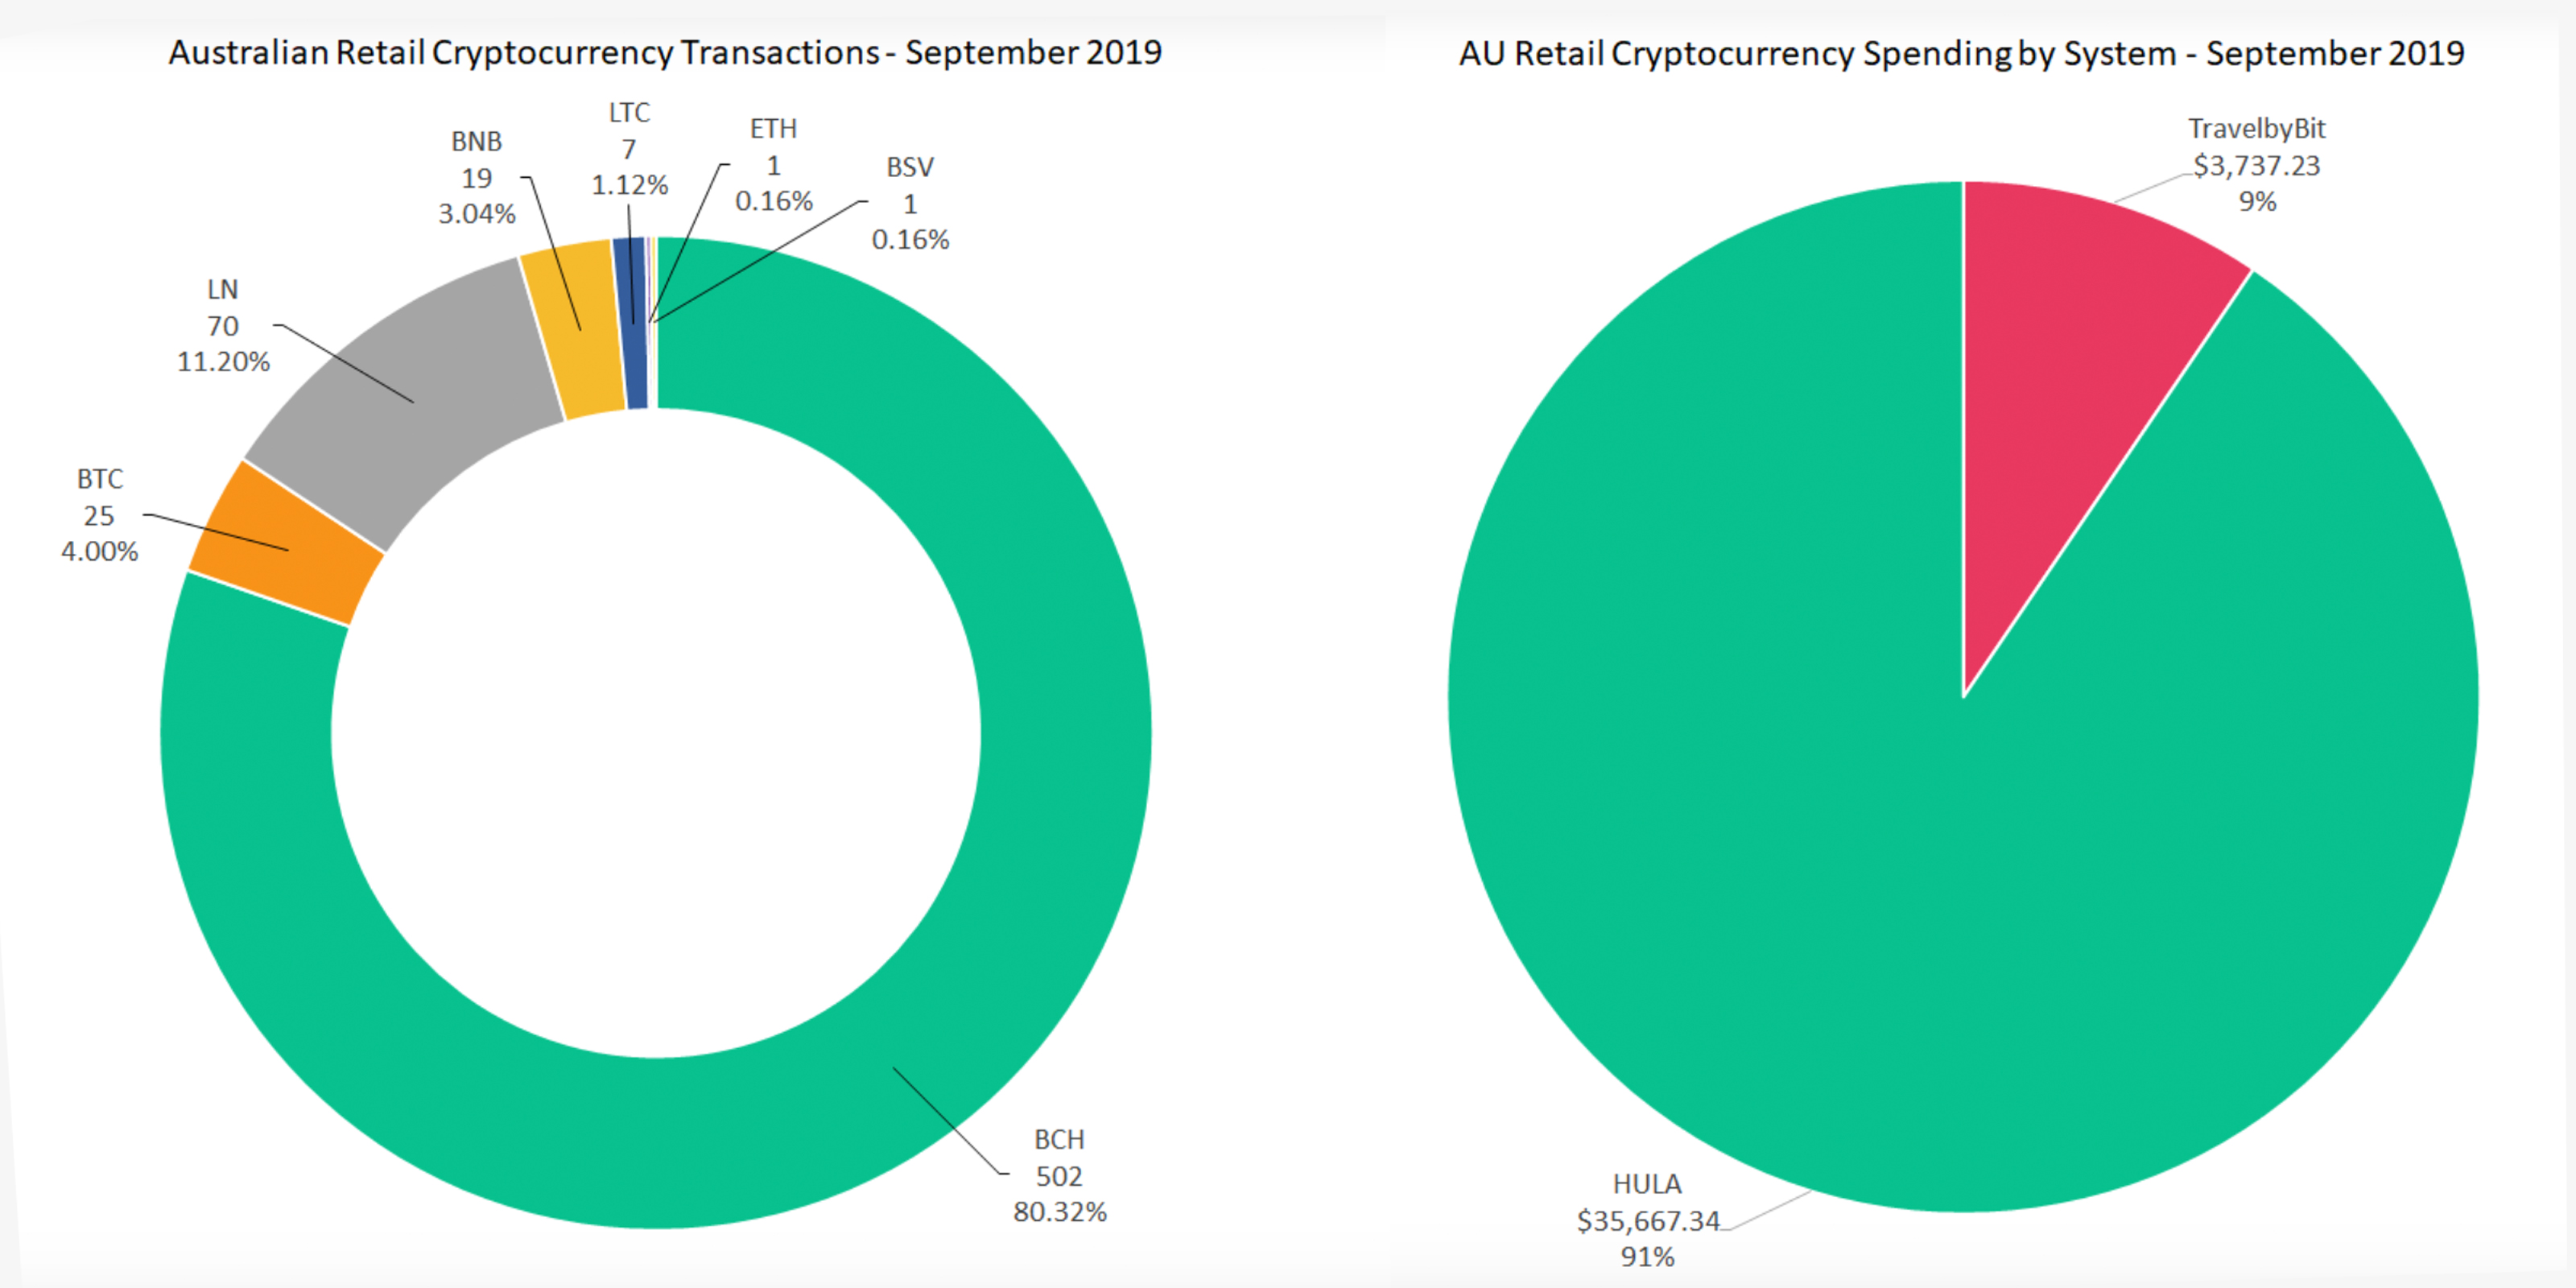 Bitcoin Cash eclipsa el gasto minorista de BTC en Australia por un amplio margen